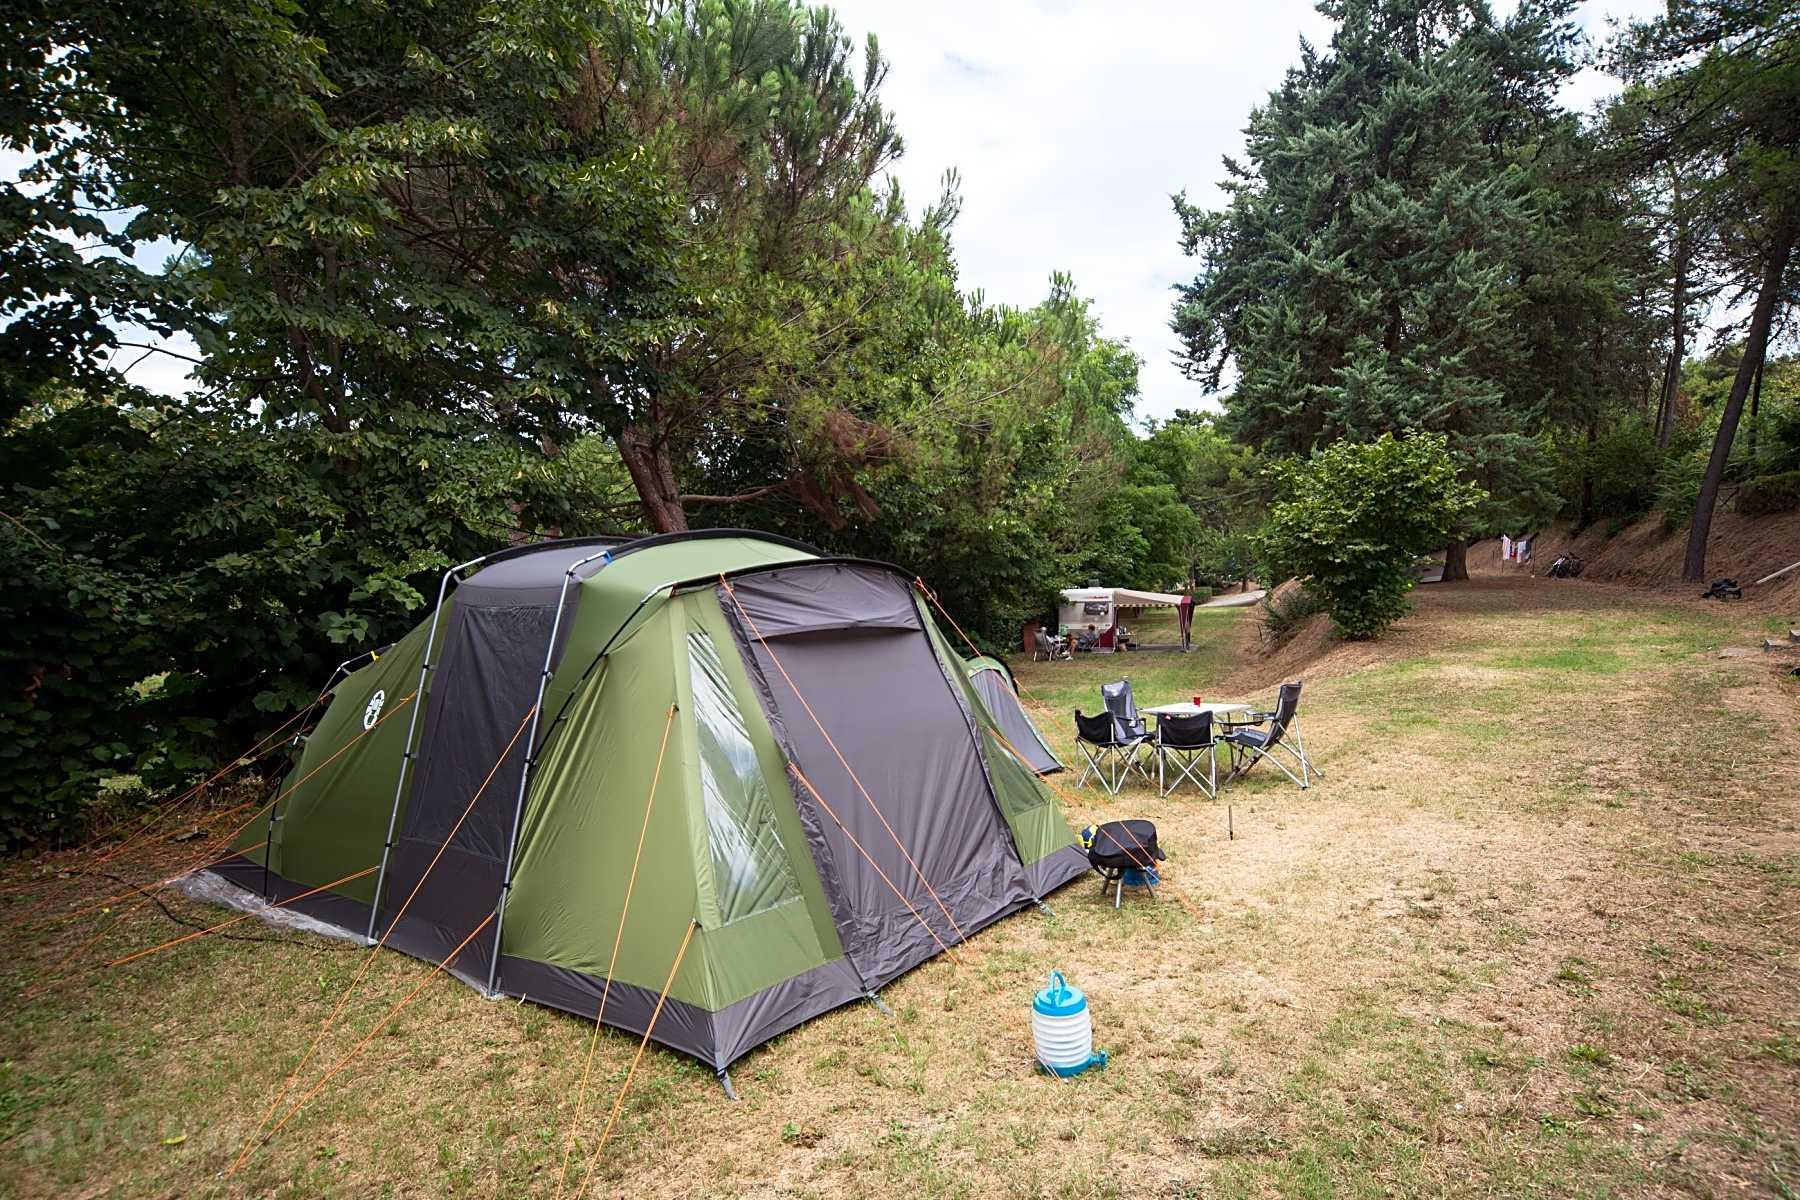 Hitta billiga campingställen för tält i Italien Pitchup®